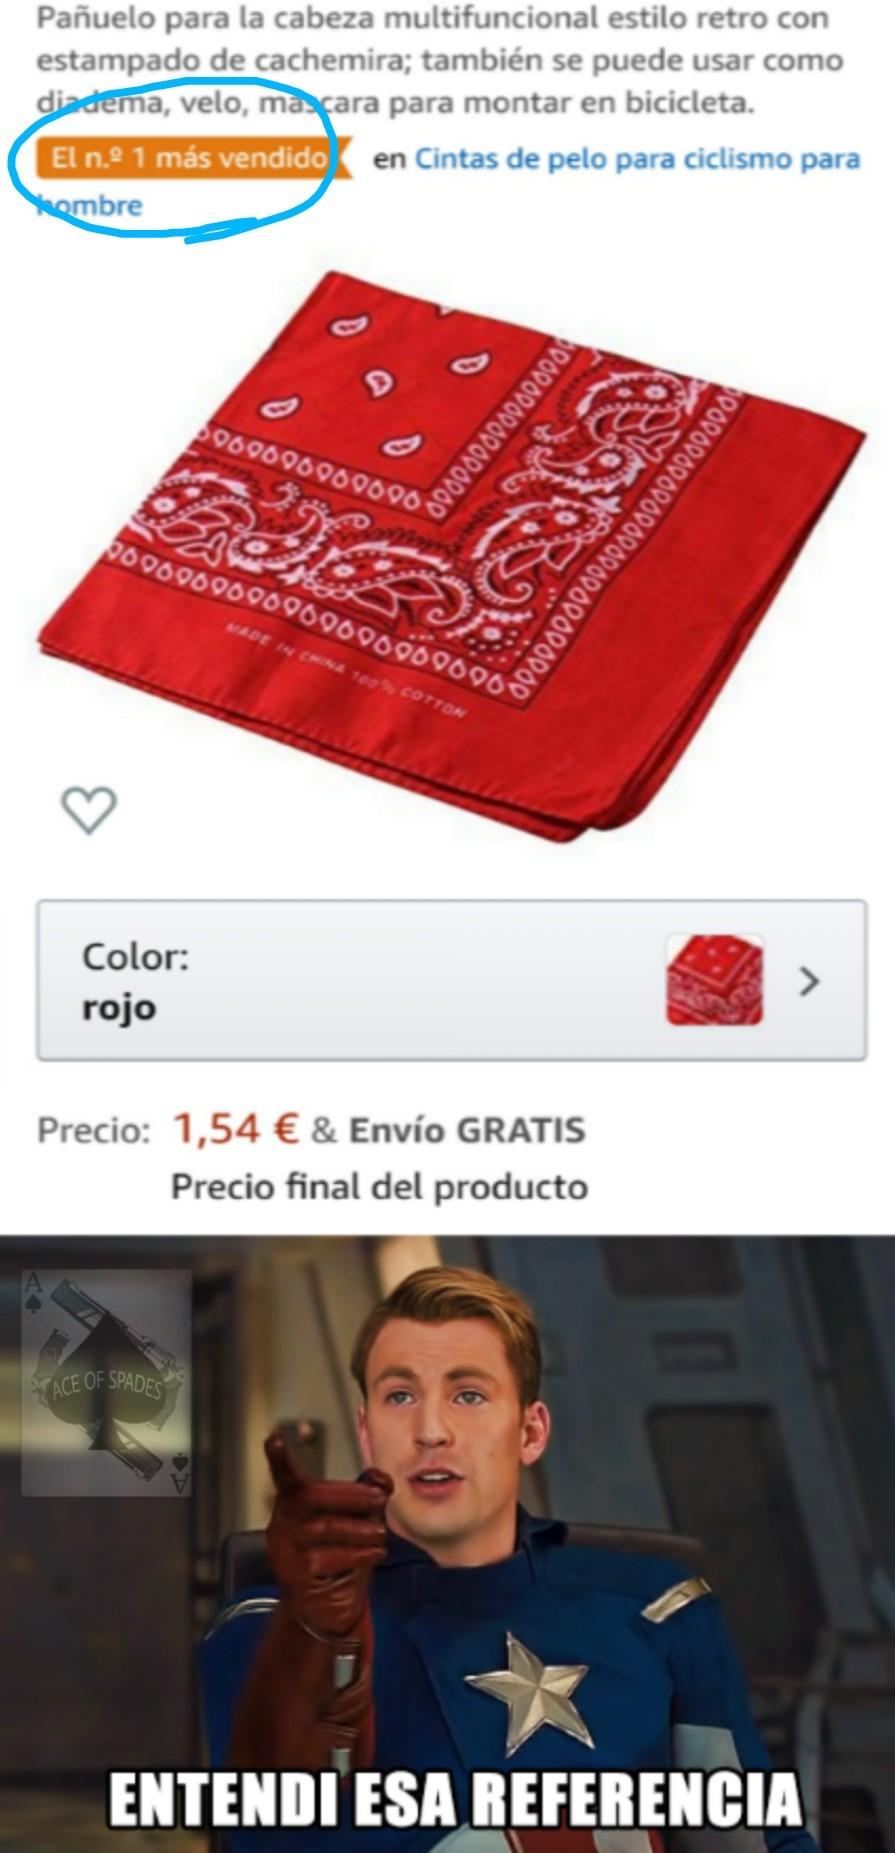 No pregunteis por que buscaba eso en Amazon,ya sabeis la respuesta - meme